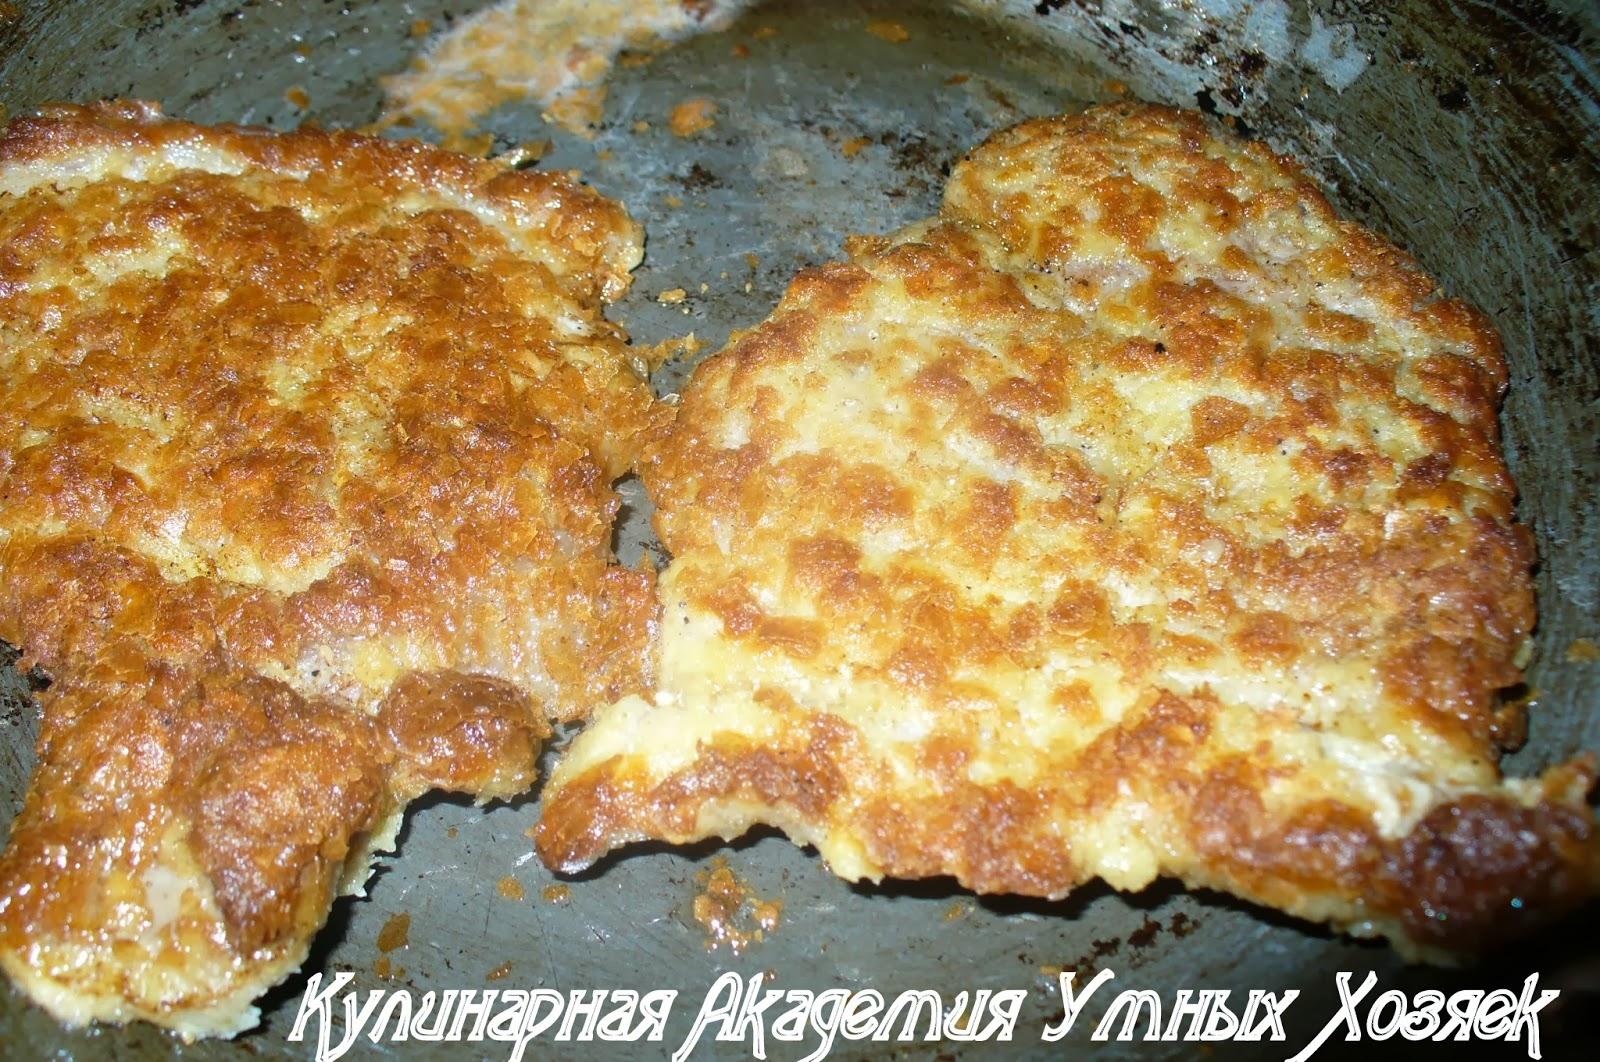 карбонат в картофельной корочке рецепт с фото